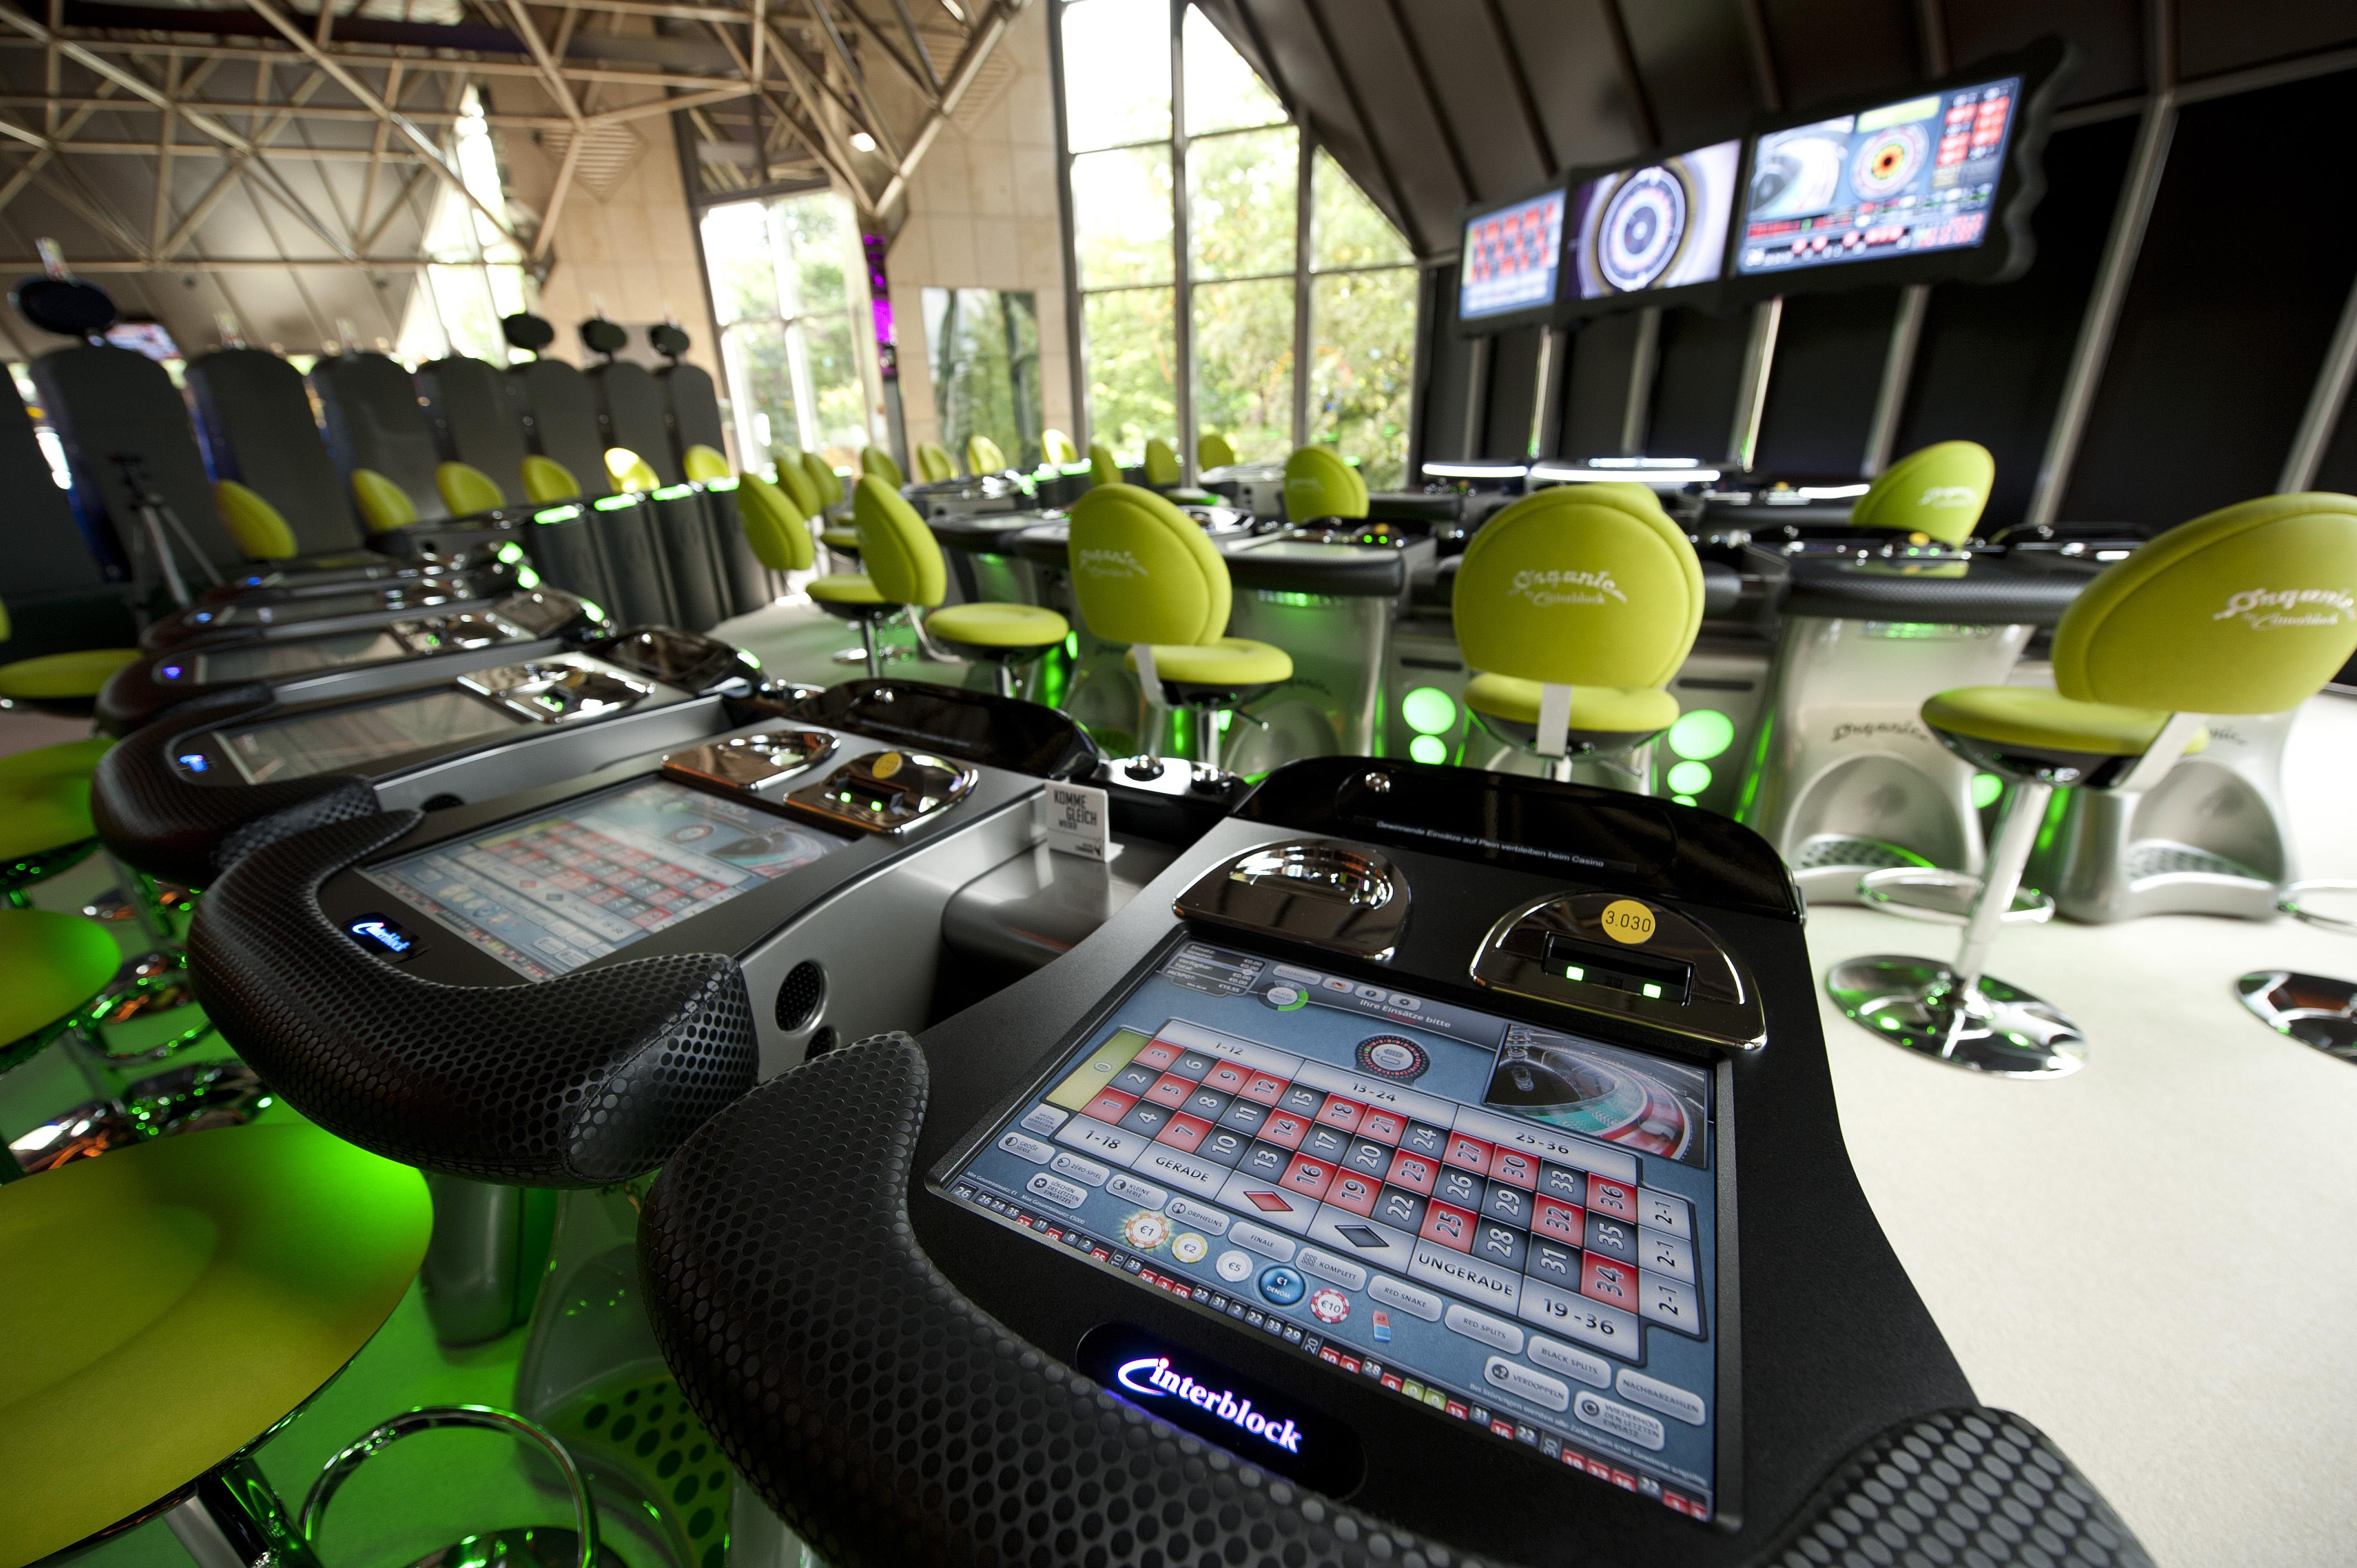 bewertung noahs ark deluxe hotel casino